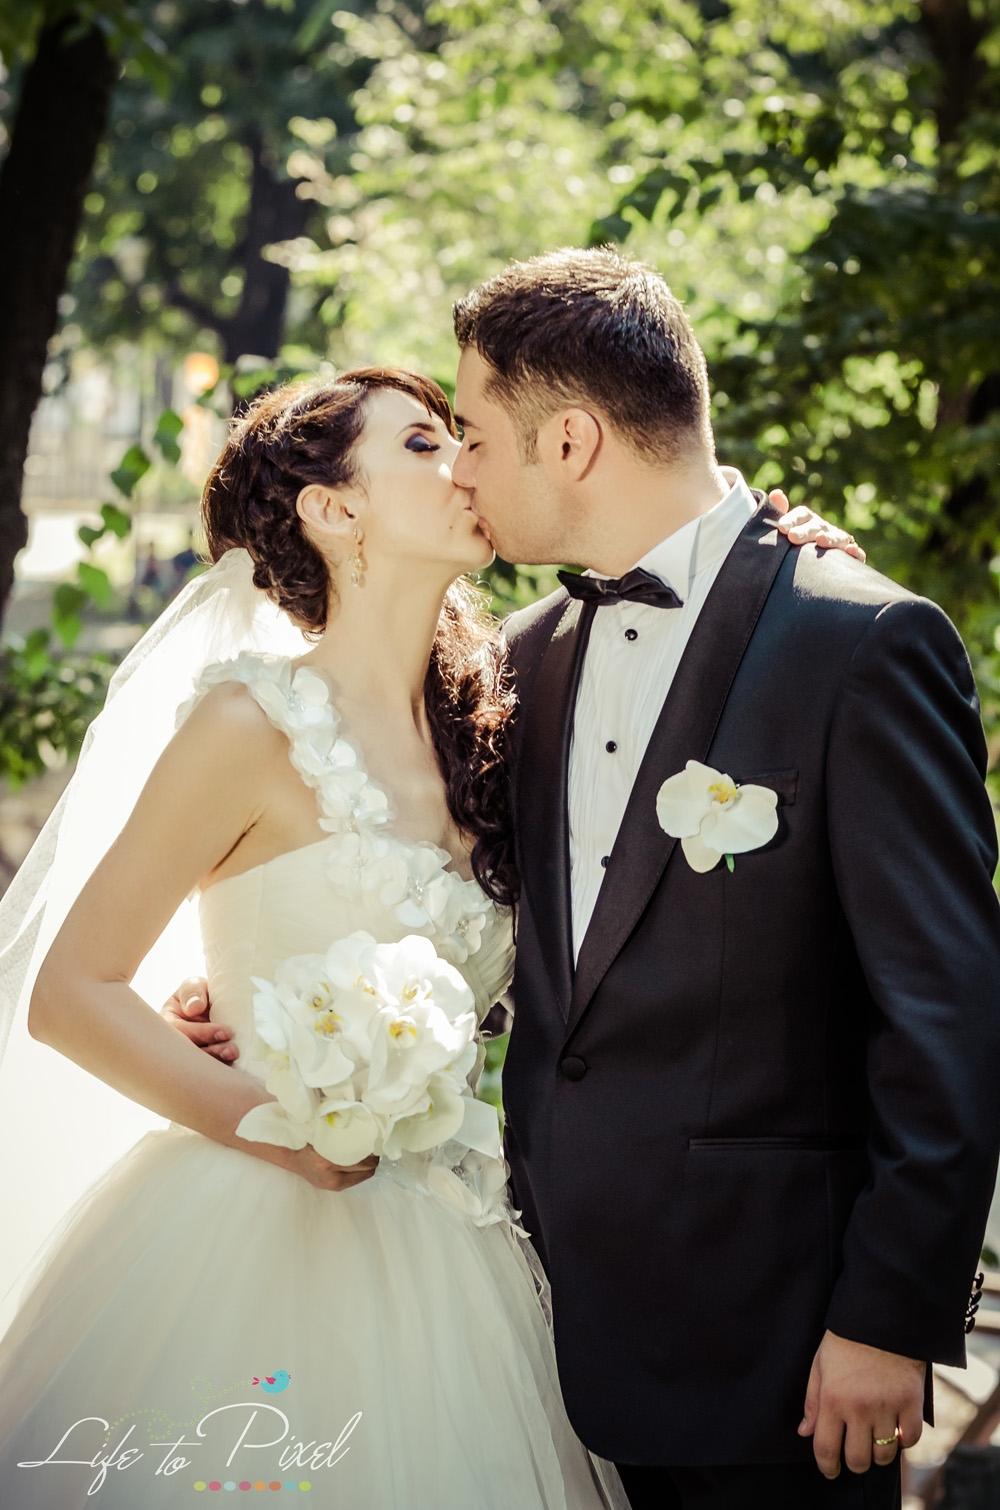 fotografie-de-nunta-codruta-si-stefan-21